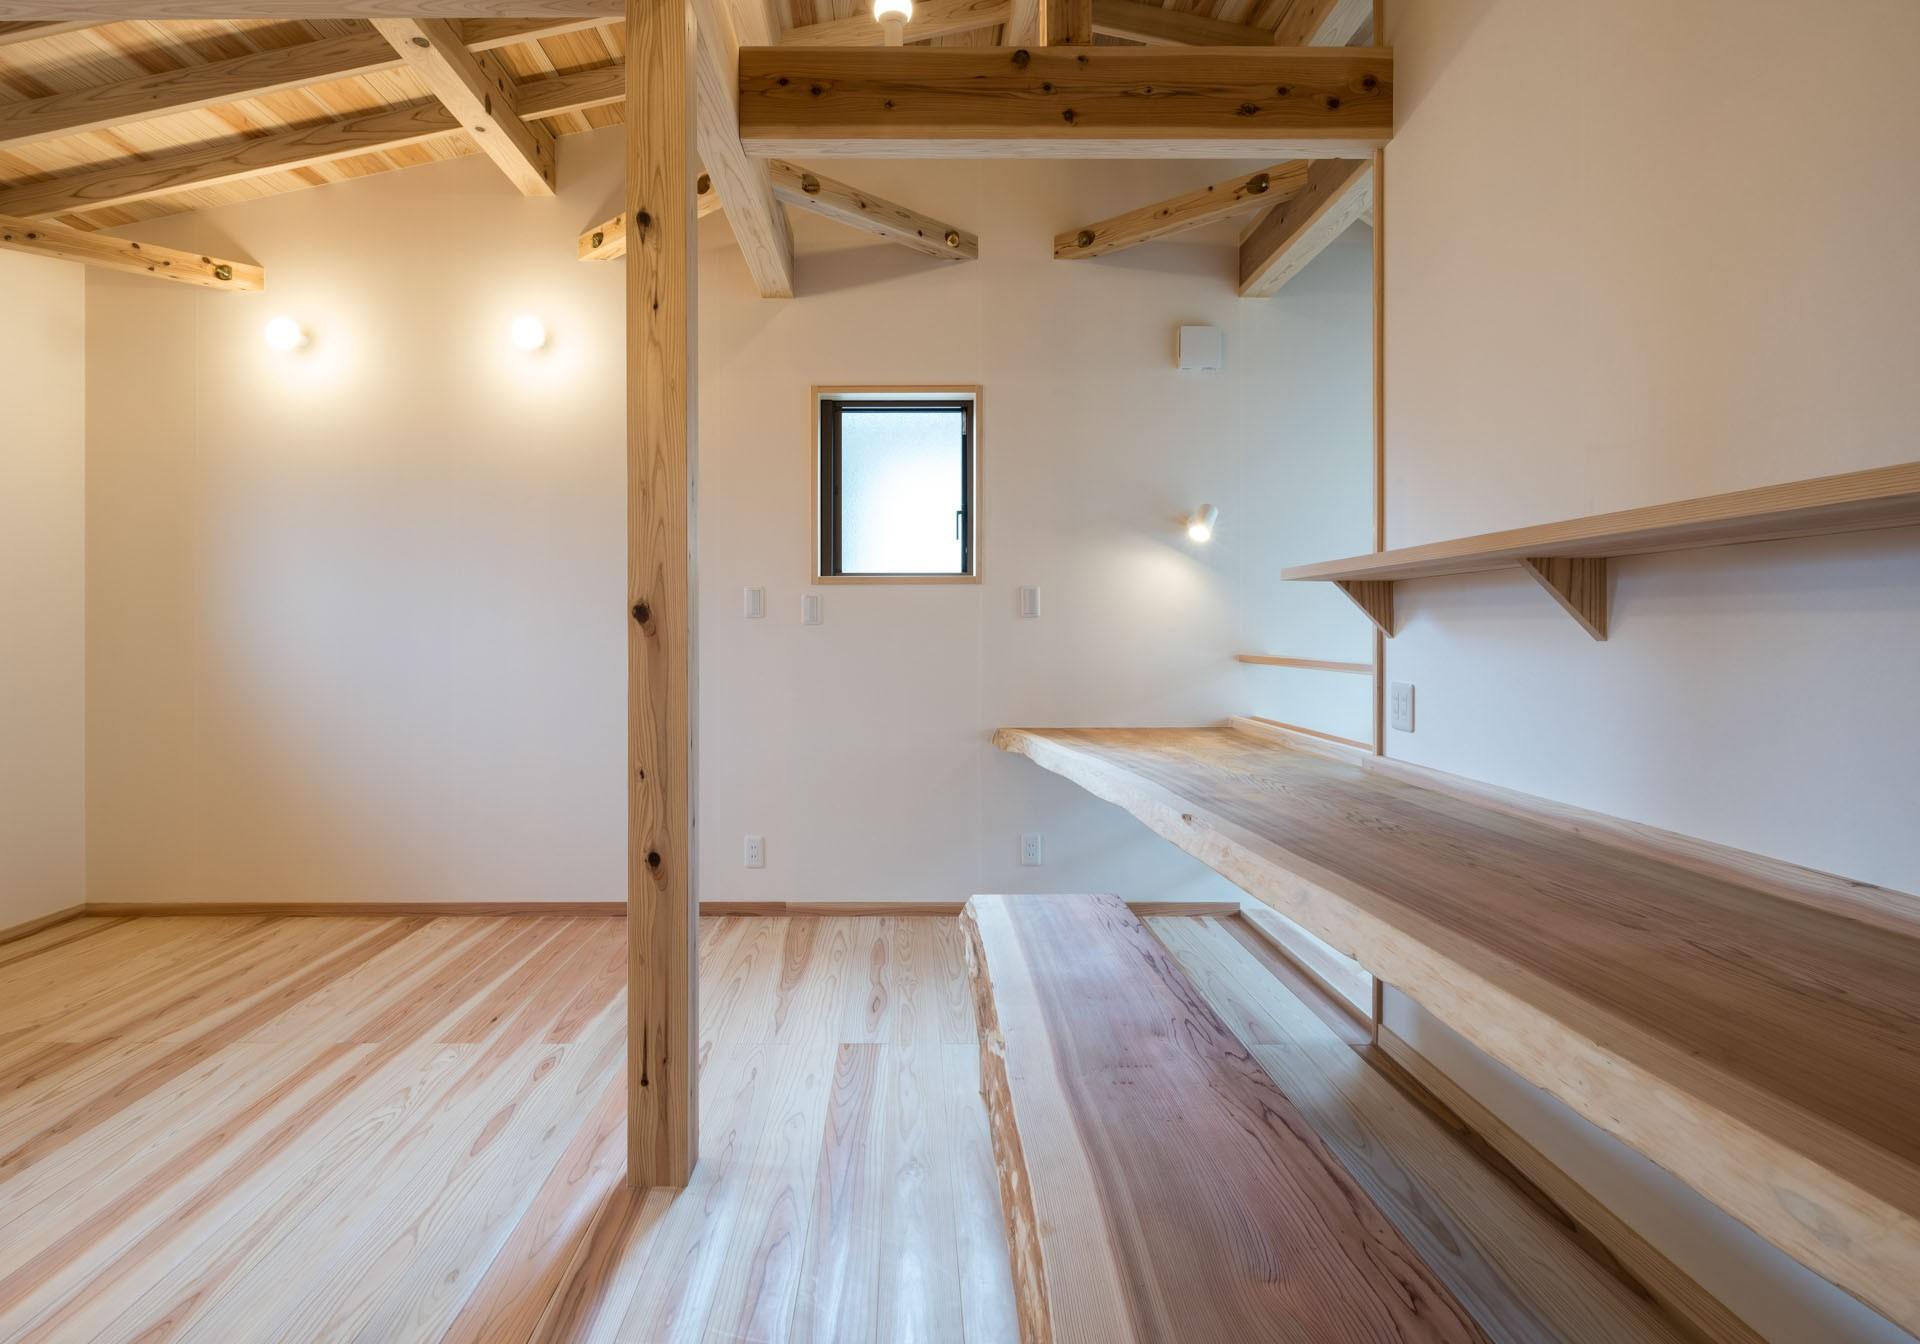 子供部屋事例:オープンスペース(KU VA CO ~ 縁側土間 * おうちキャンプのある暮らし ~)